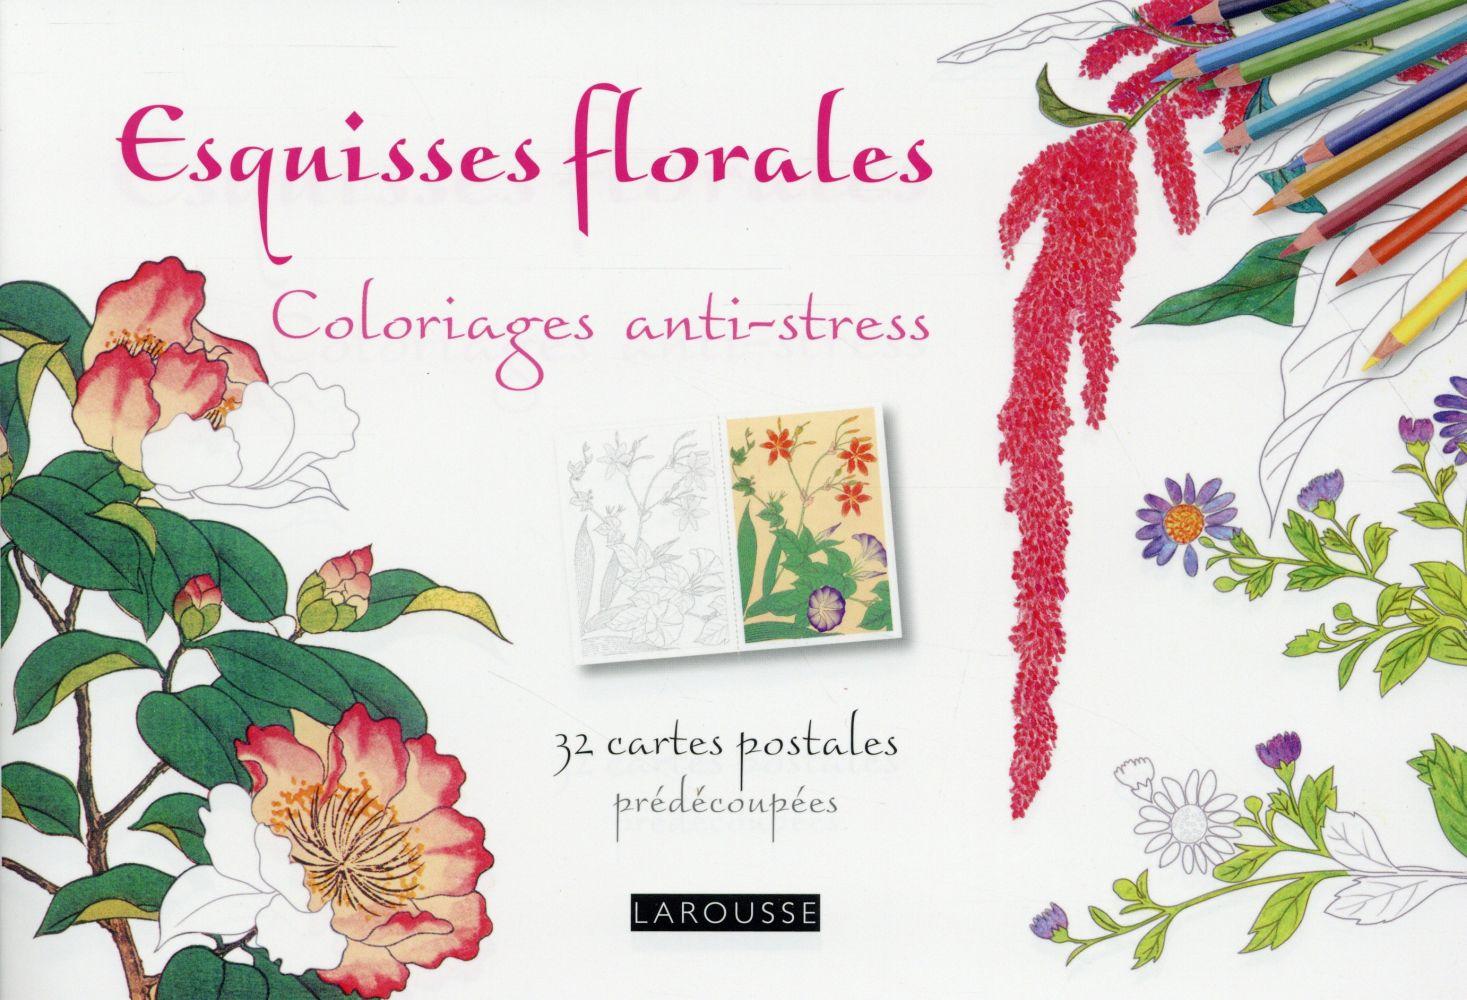 ESQUISSES FLORALES COLORIAGES CARTES POSTALES